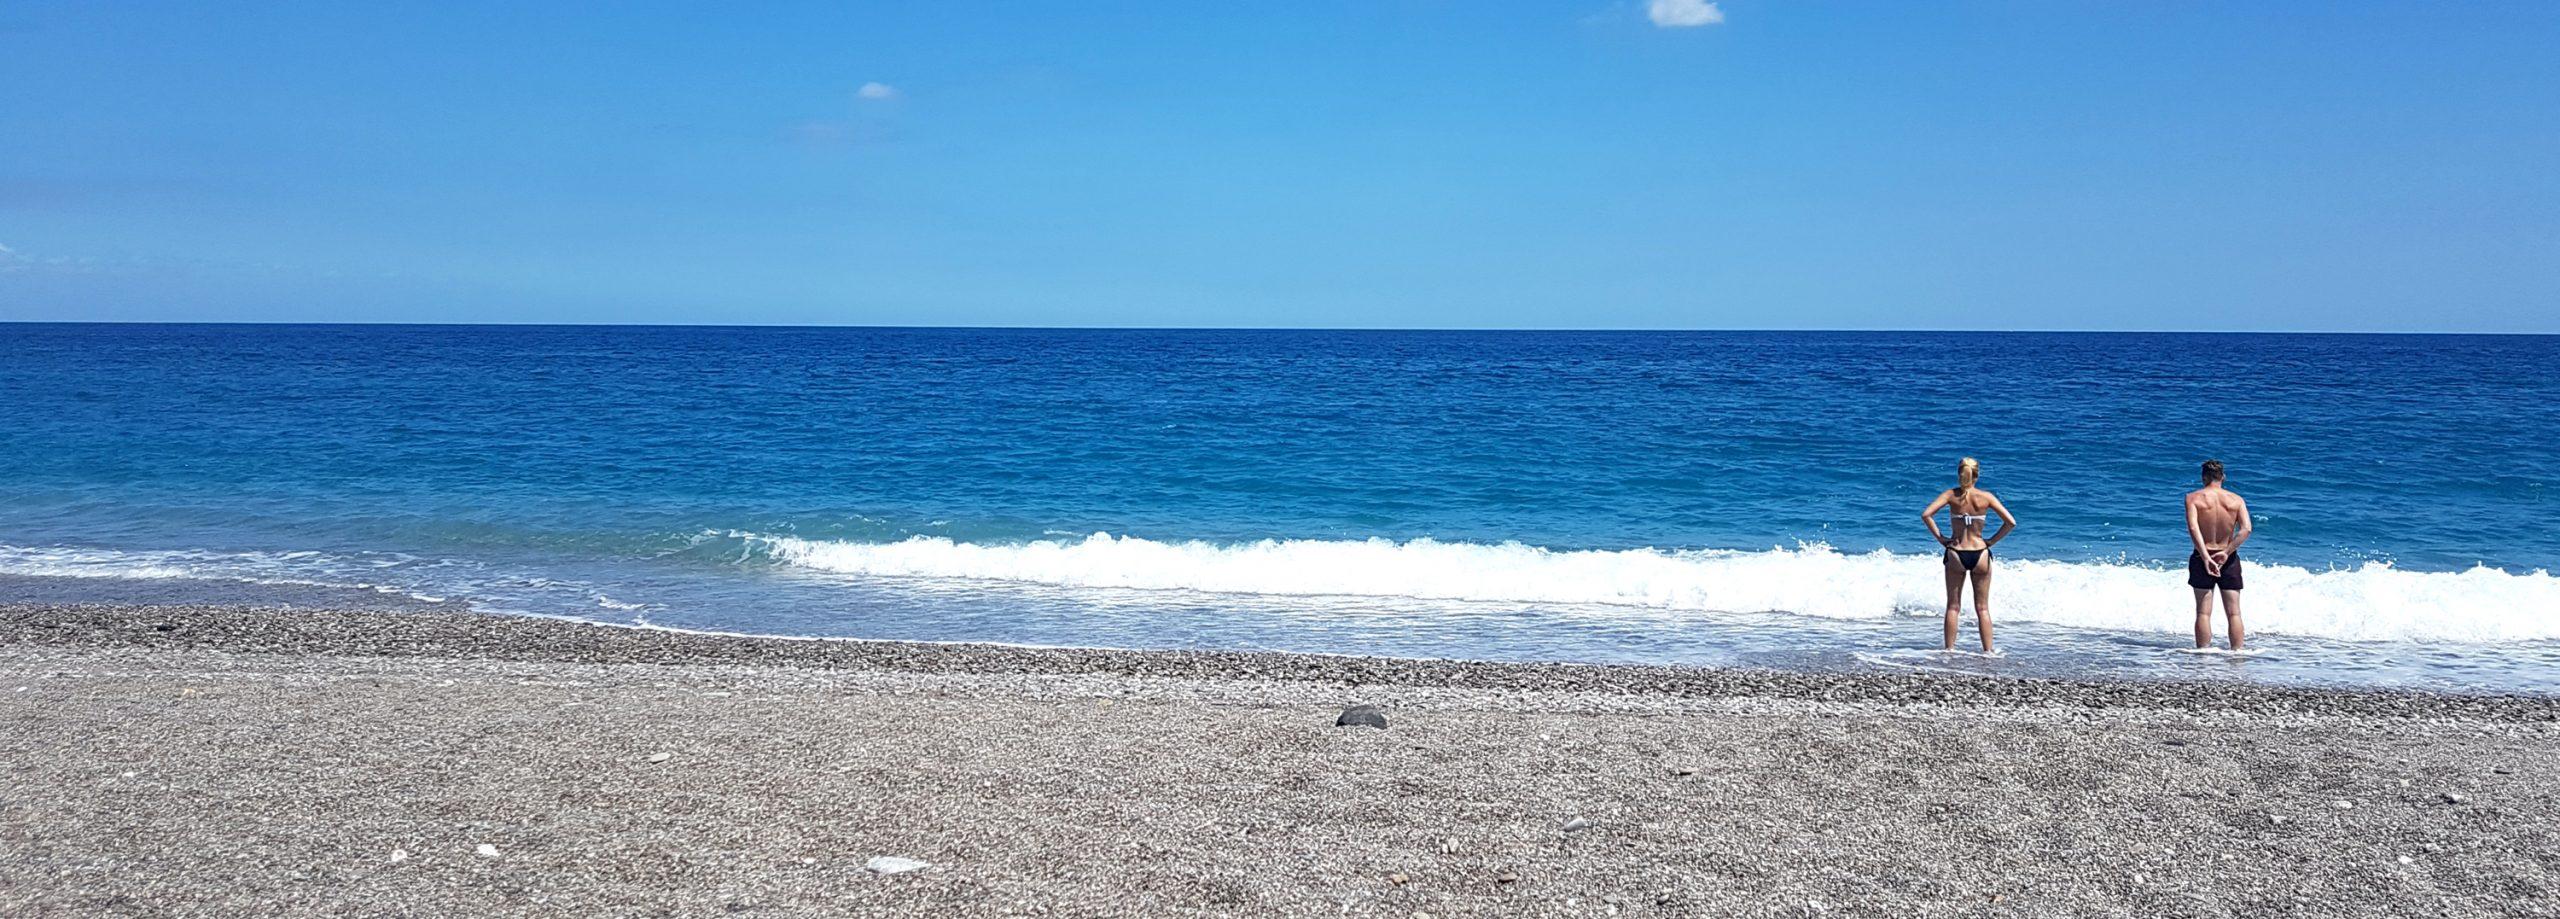 mare marzamemi spiaggia